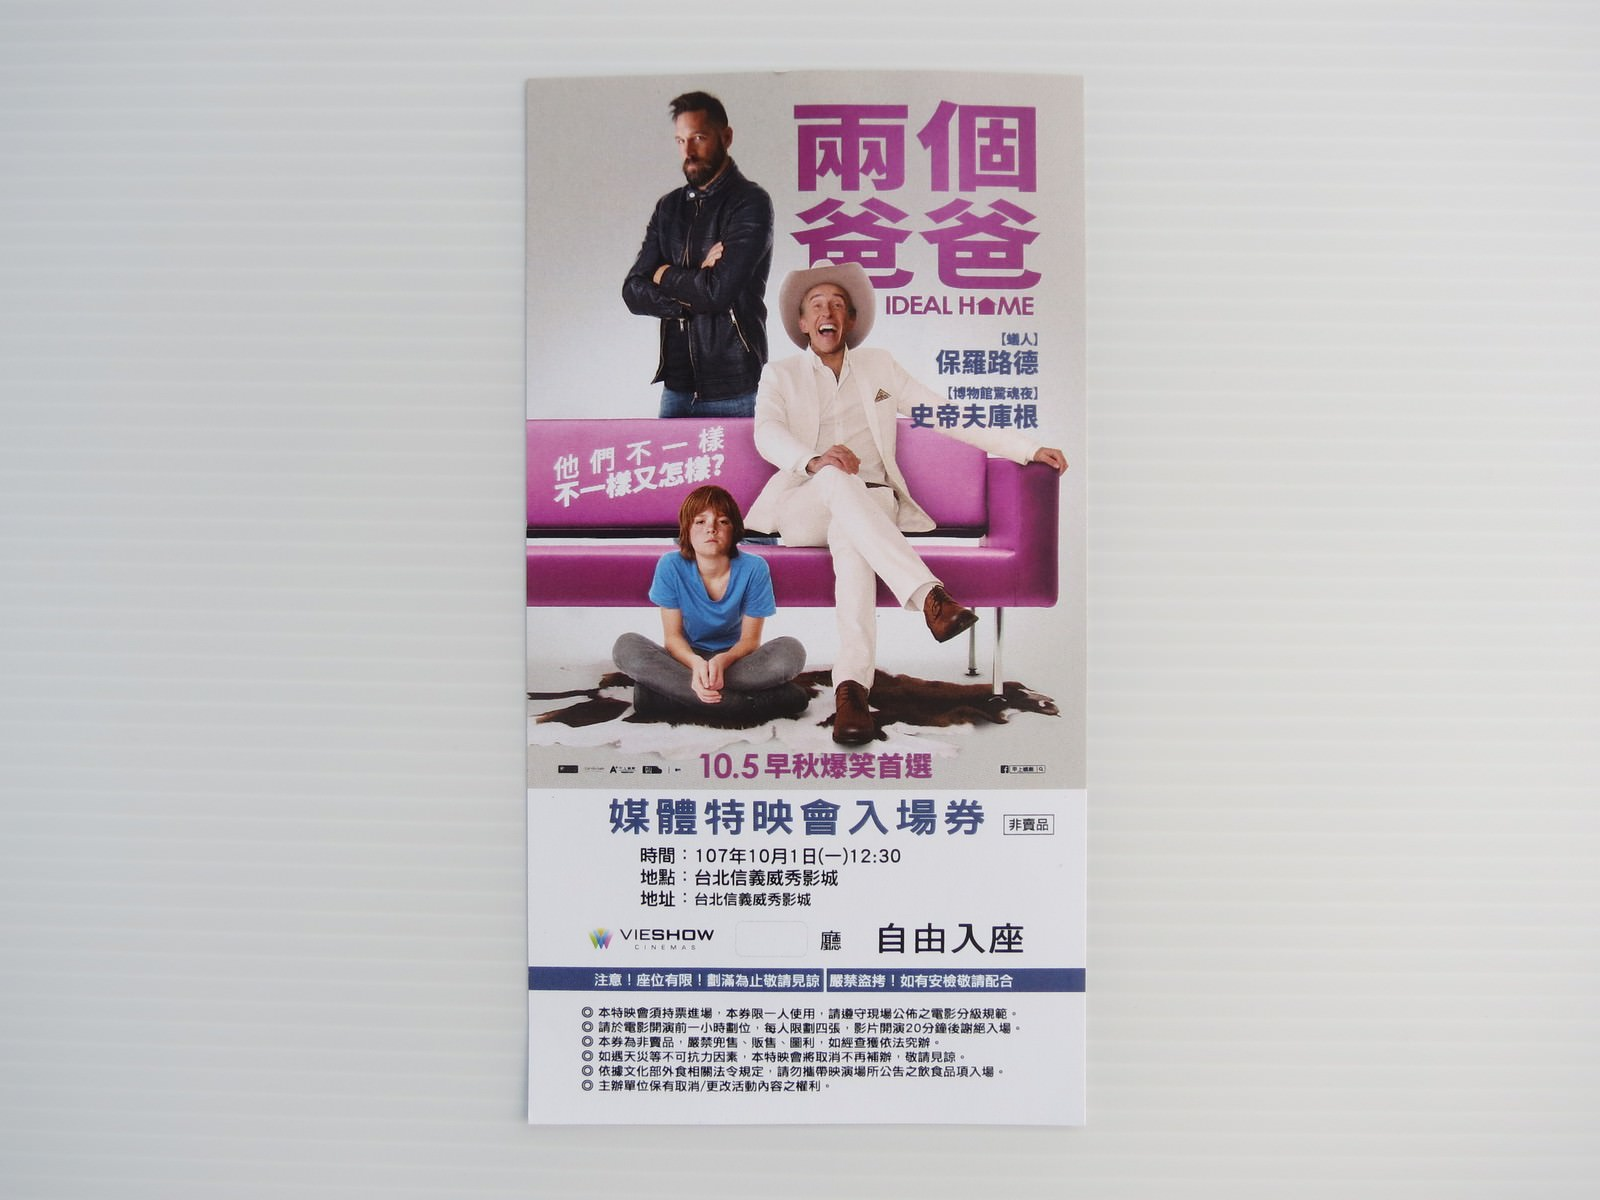 Movie, Ideal Home(美國, 2018) / 兩個爸爸(台灣) / 理想之家(網路), 特映會電影票